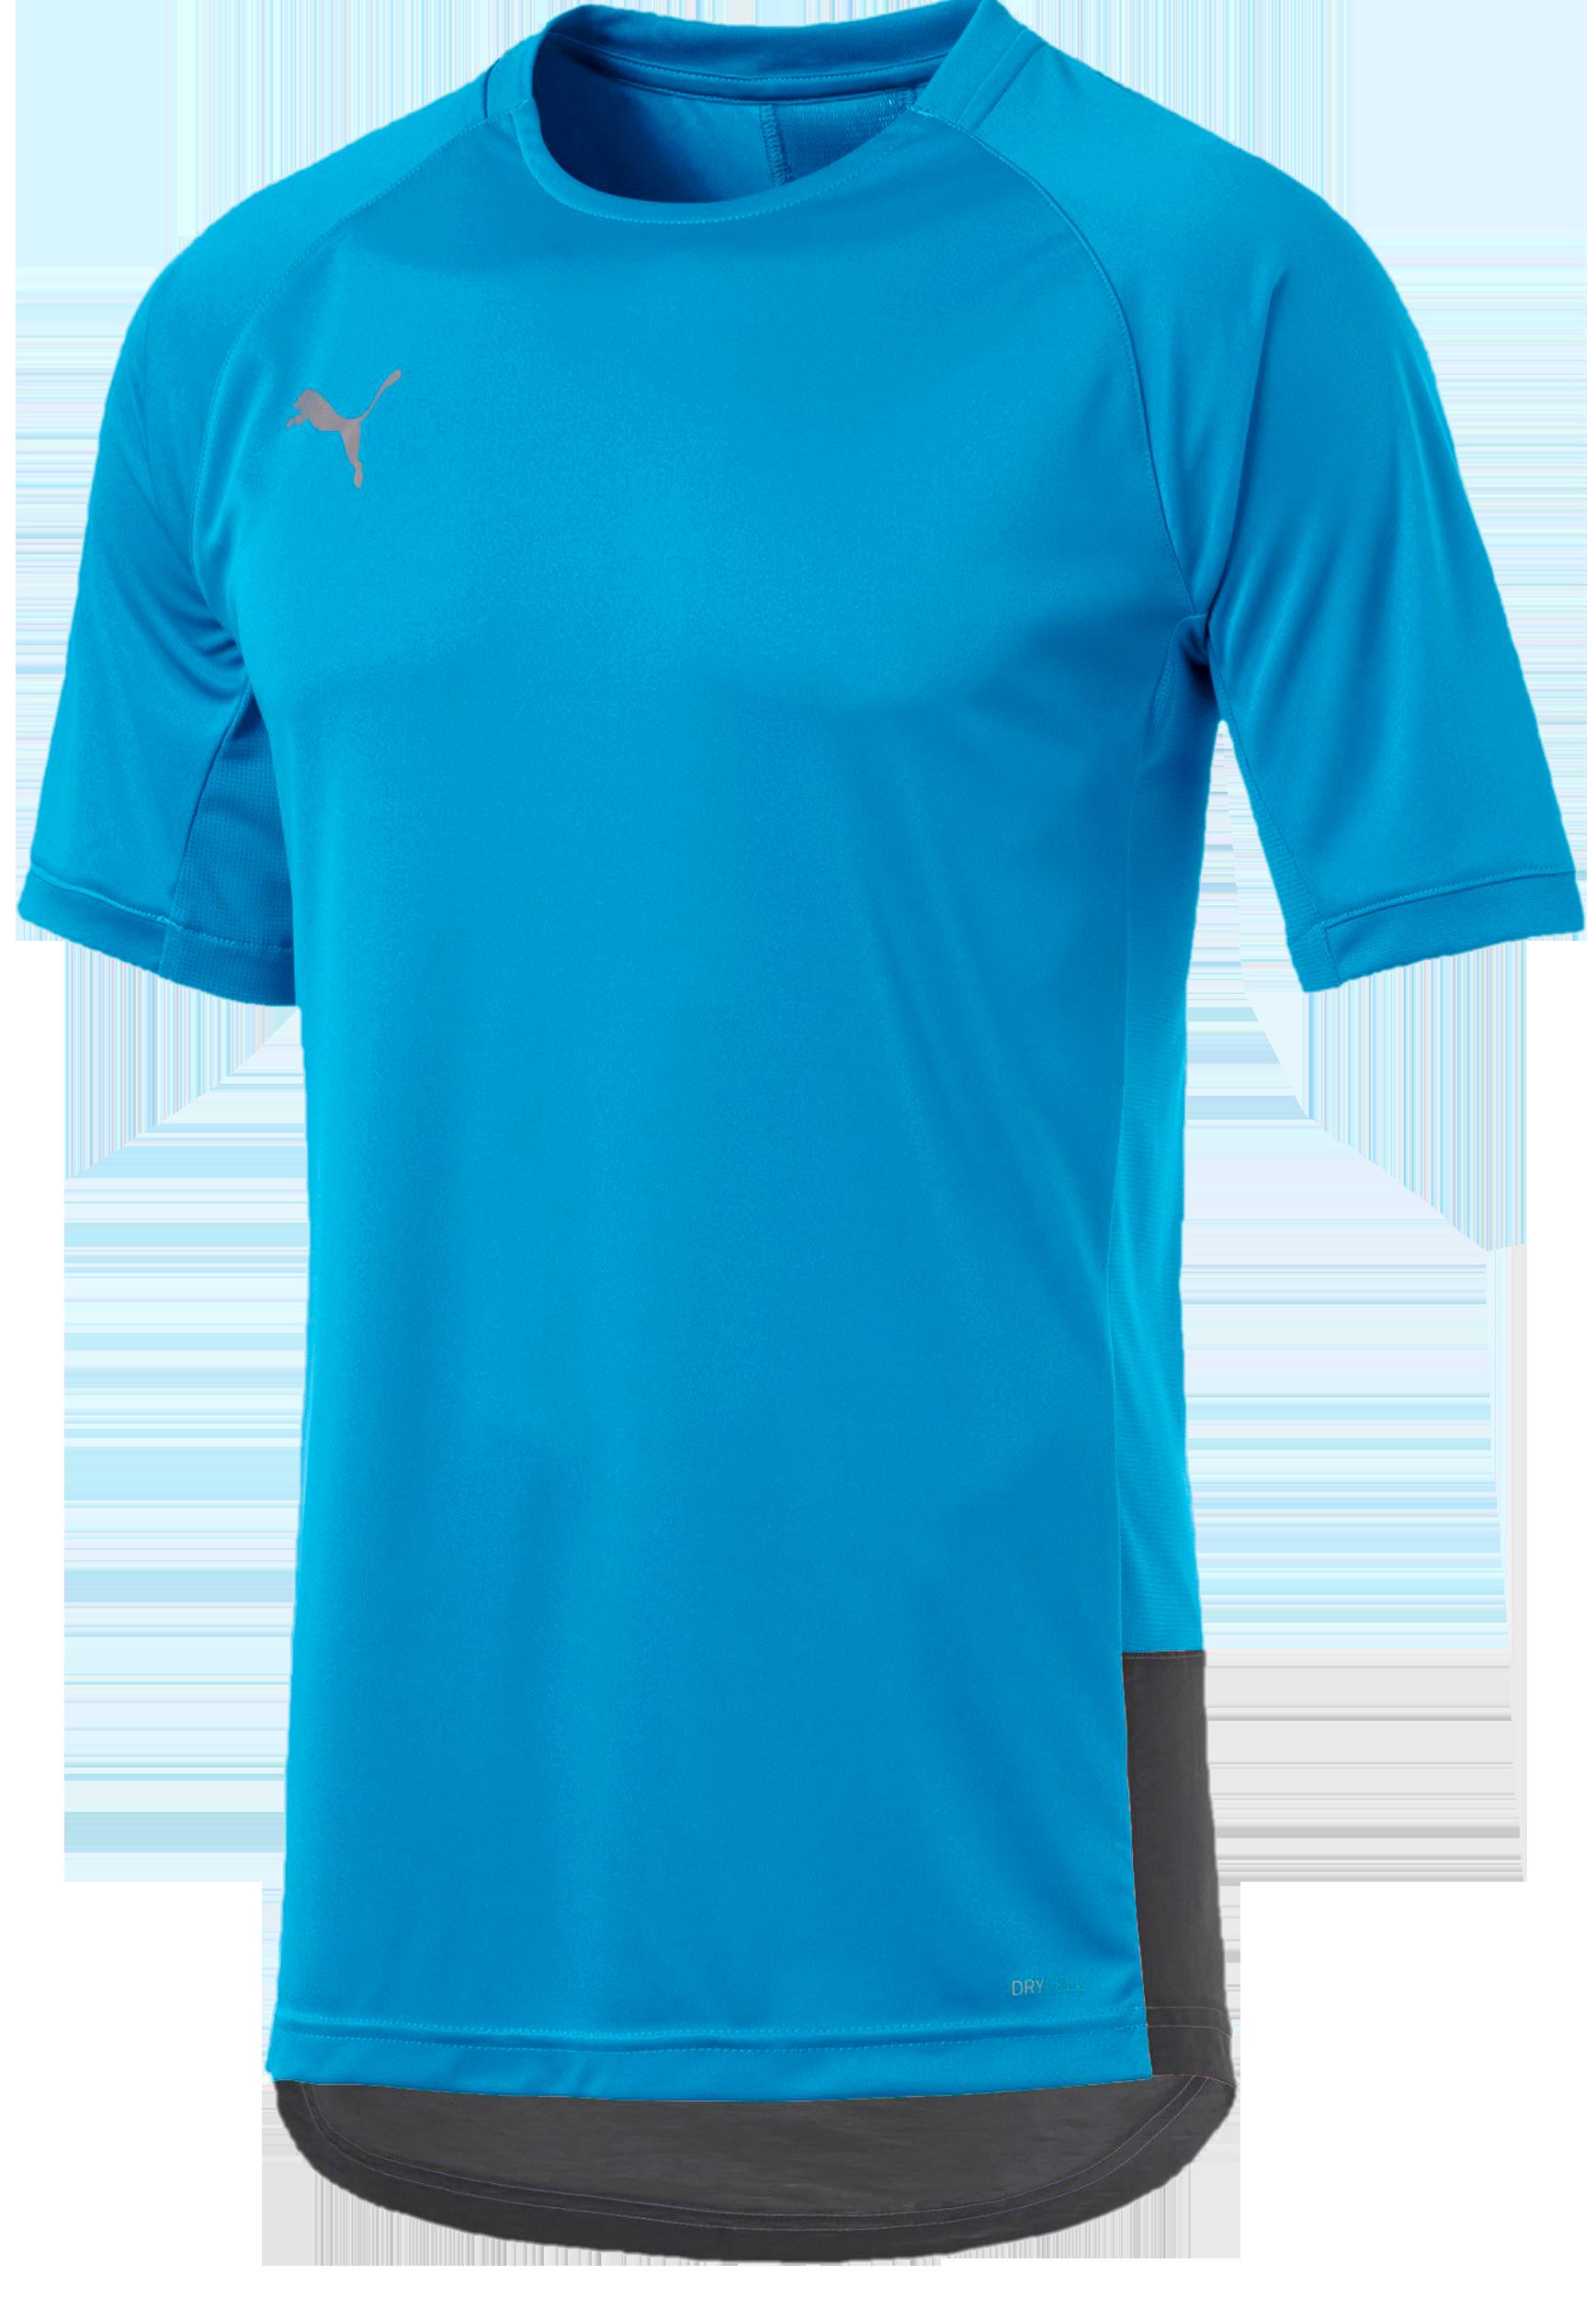 PUMA ftblNXT Pro T-Shirt